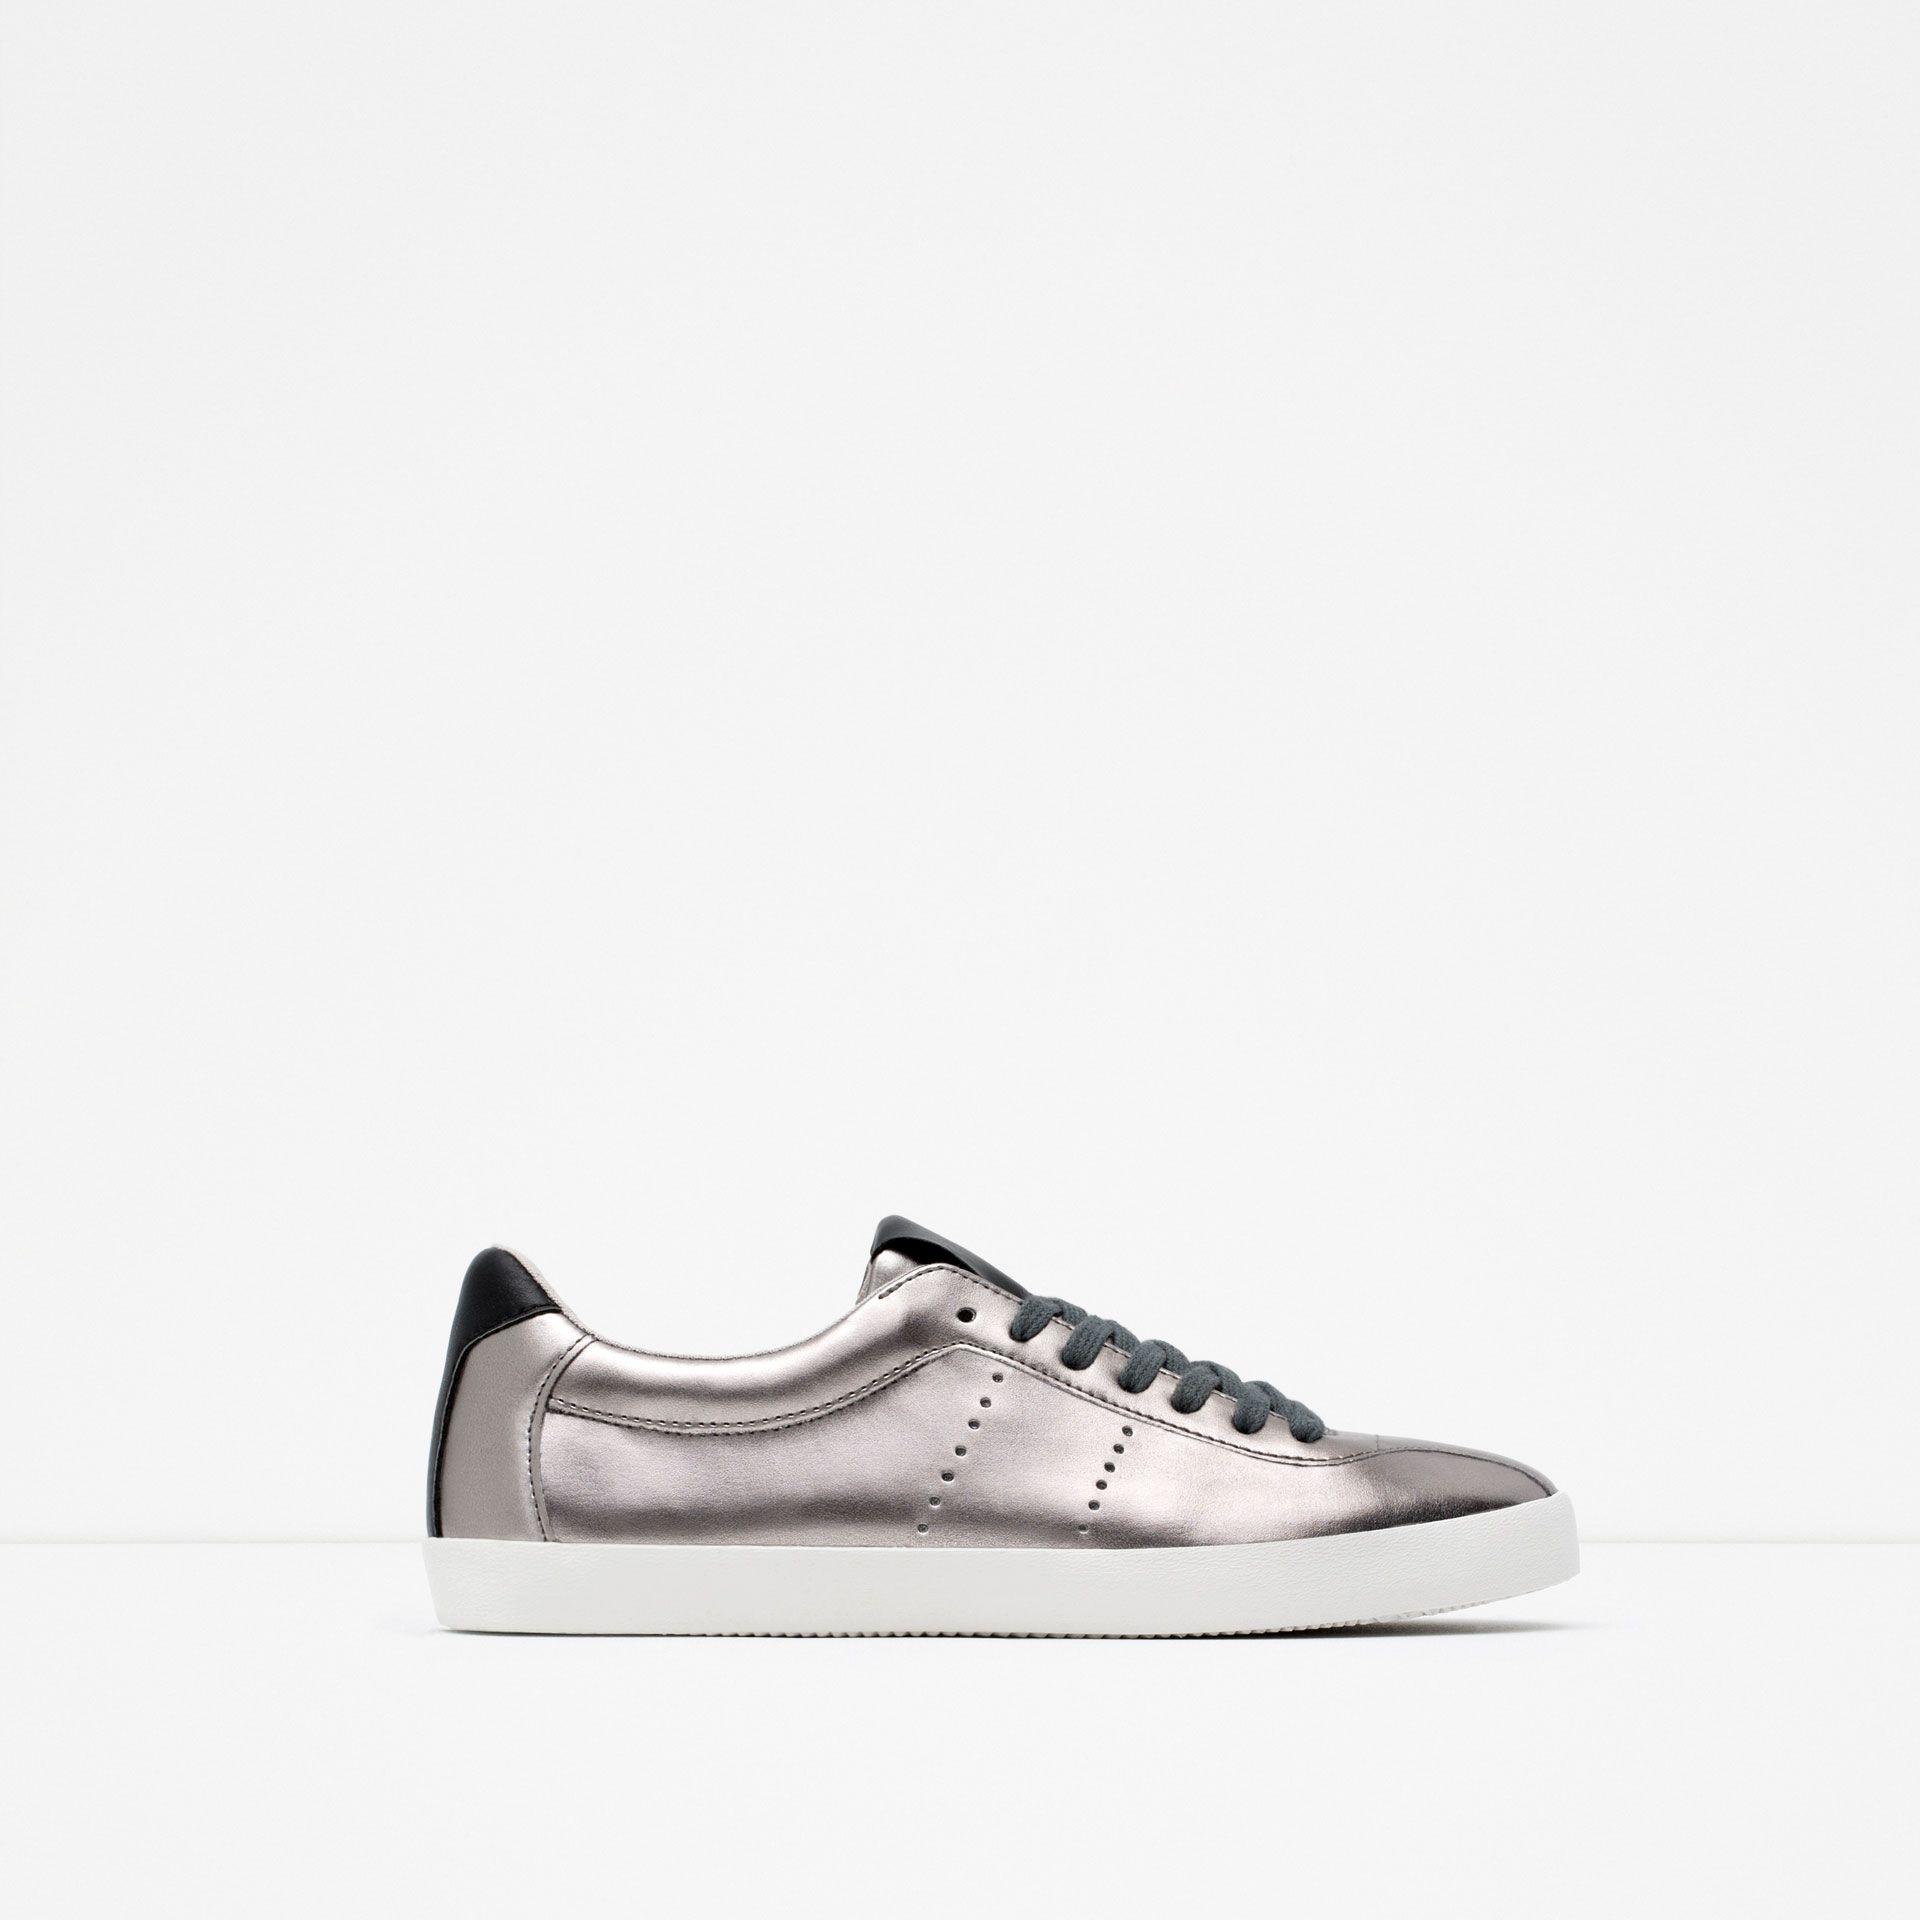 Mujer Casual Plano Zapatillas Floral Cómodo Zapatillas Zapatillas Con Cordones Zapatos - Negro Guepardo, 23 EU